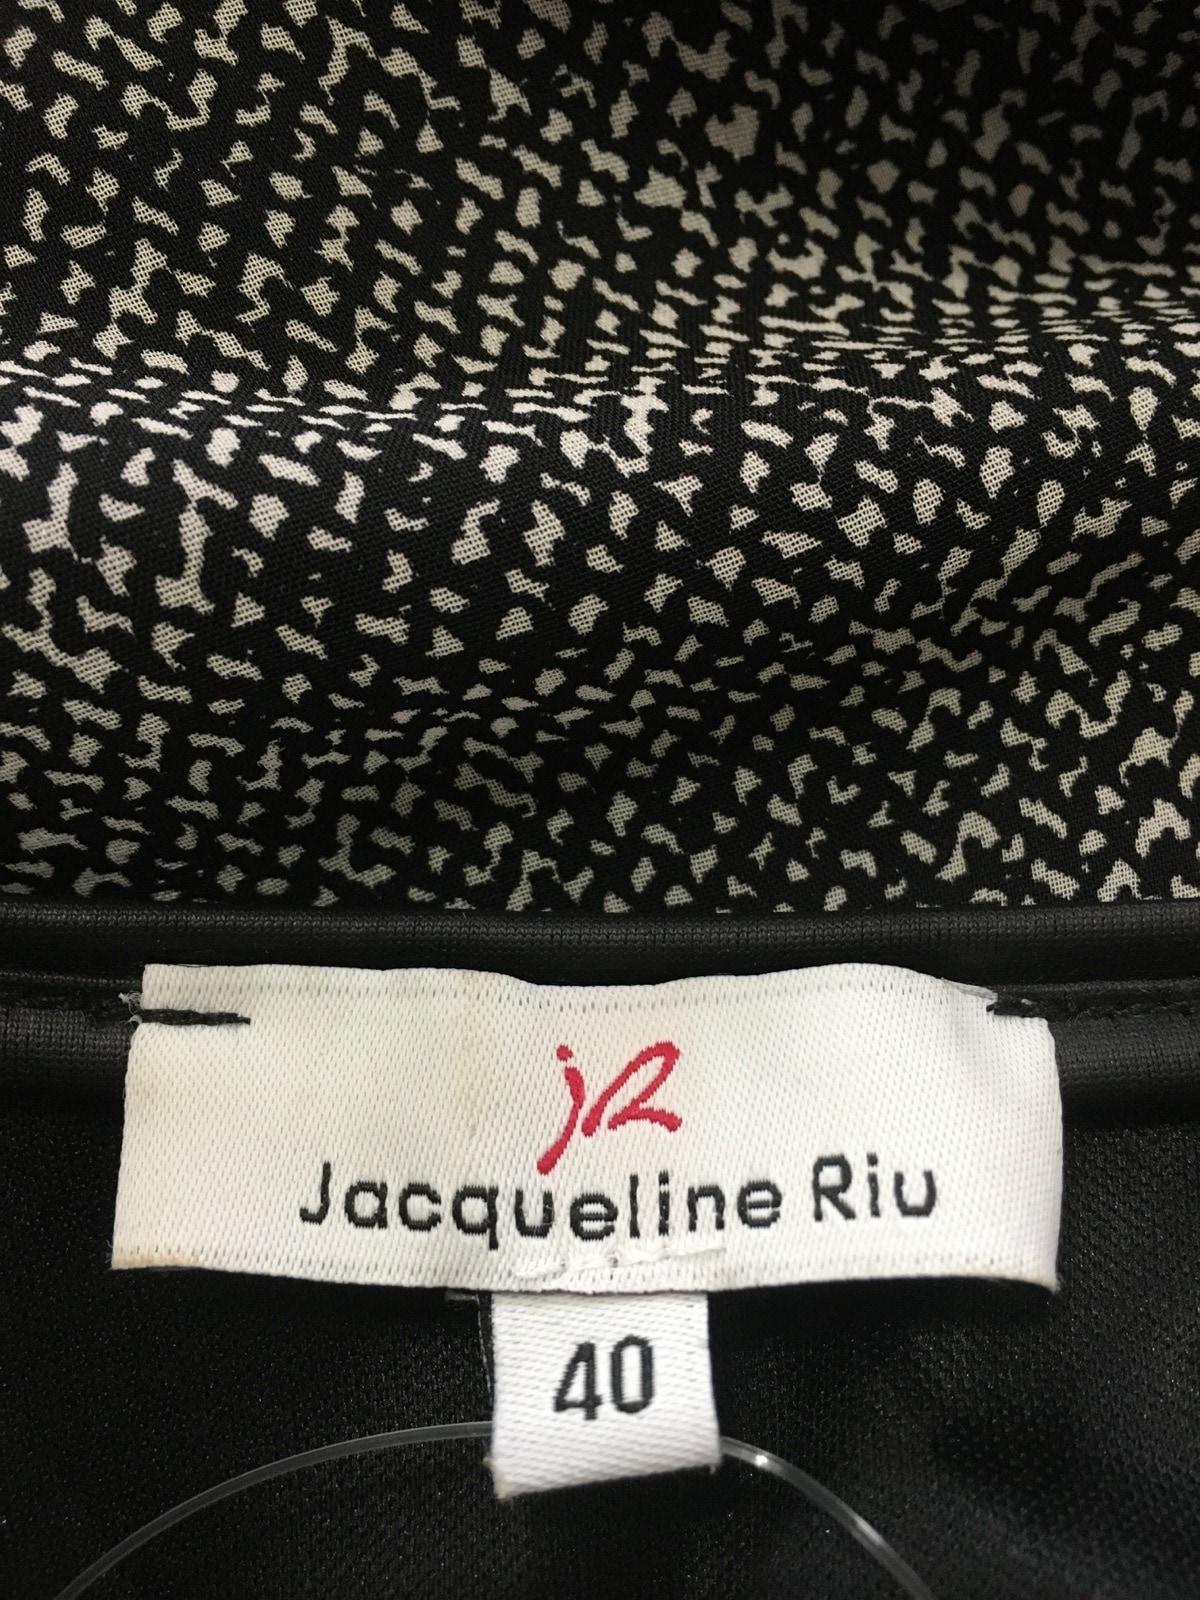 Jacqueline Riu(ジャクリーンリウ)のワンピース